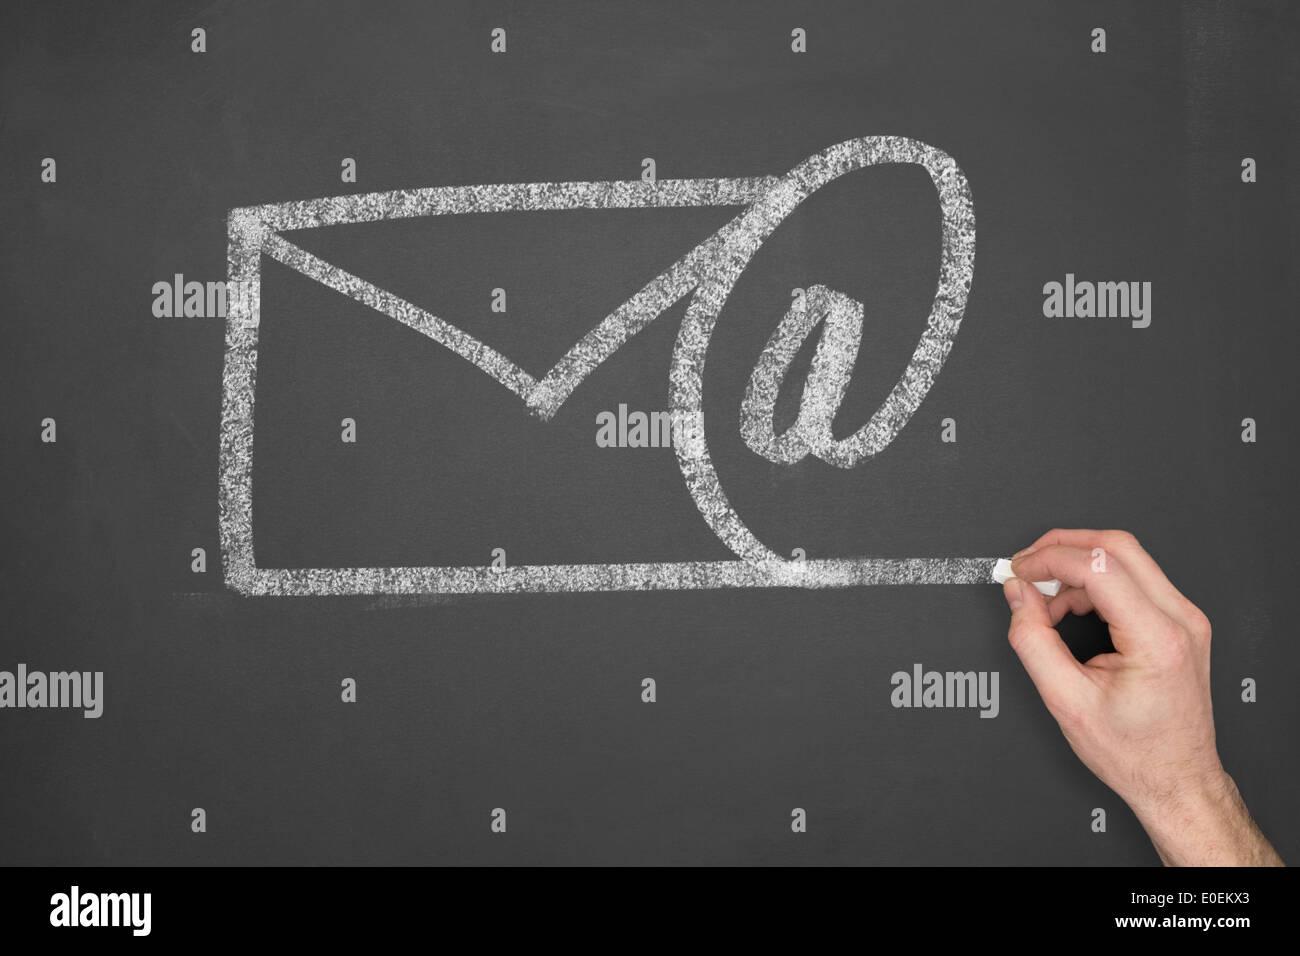 Un imprenditore il disegno di un simbolo di posta elettronica su una lavagna. Immagini Stock